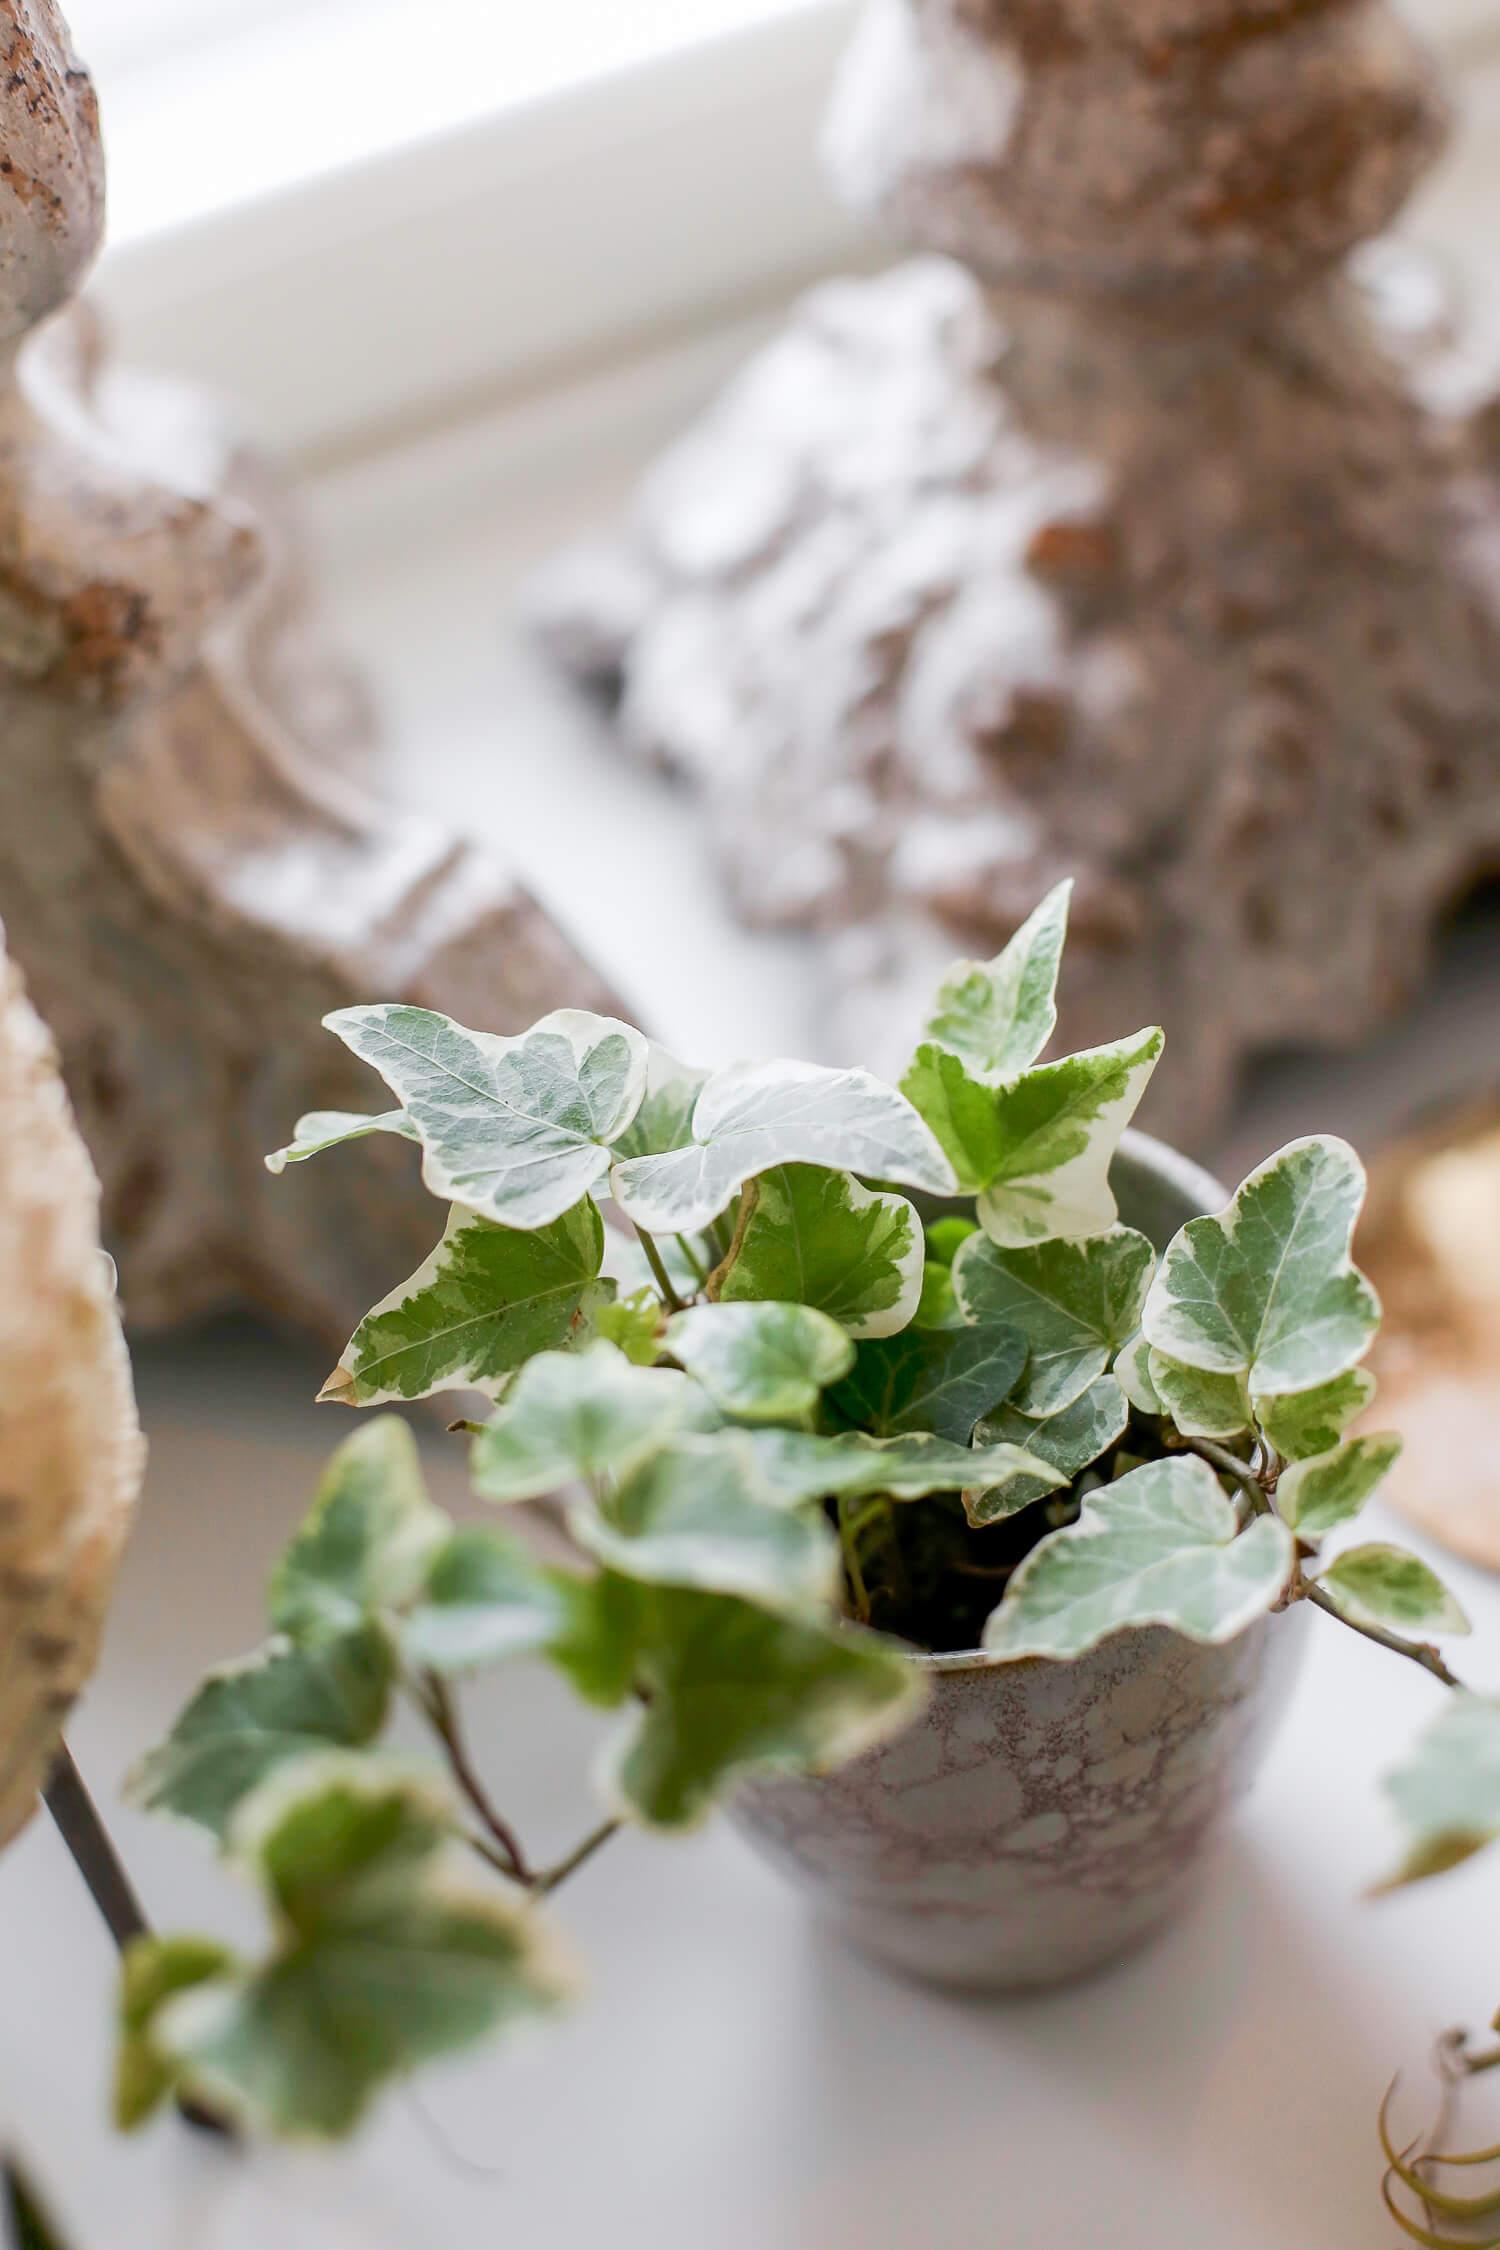 Muki voi toimia loistavasti suojaruukkuna pienille kasveille, kuten tässä valkovihreälle muratille.